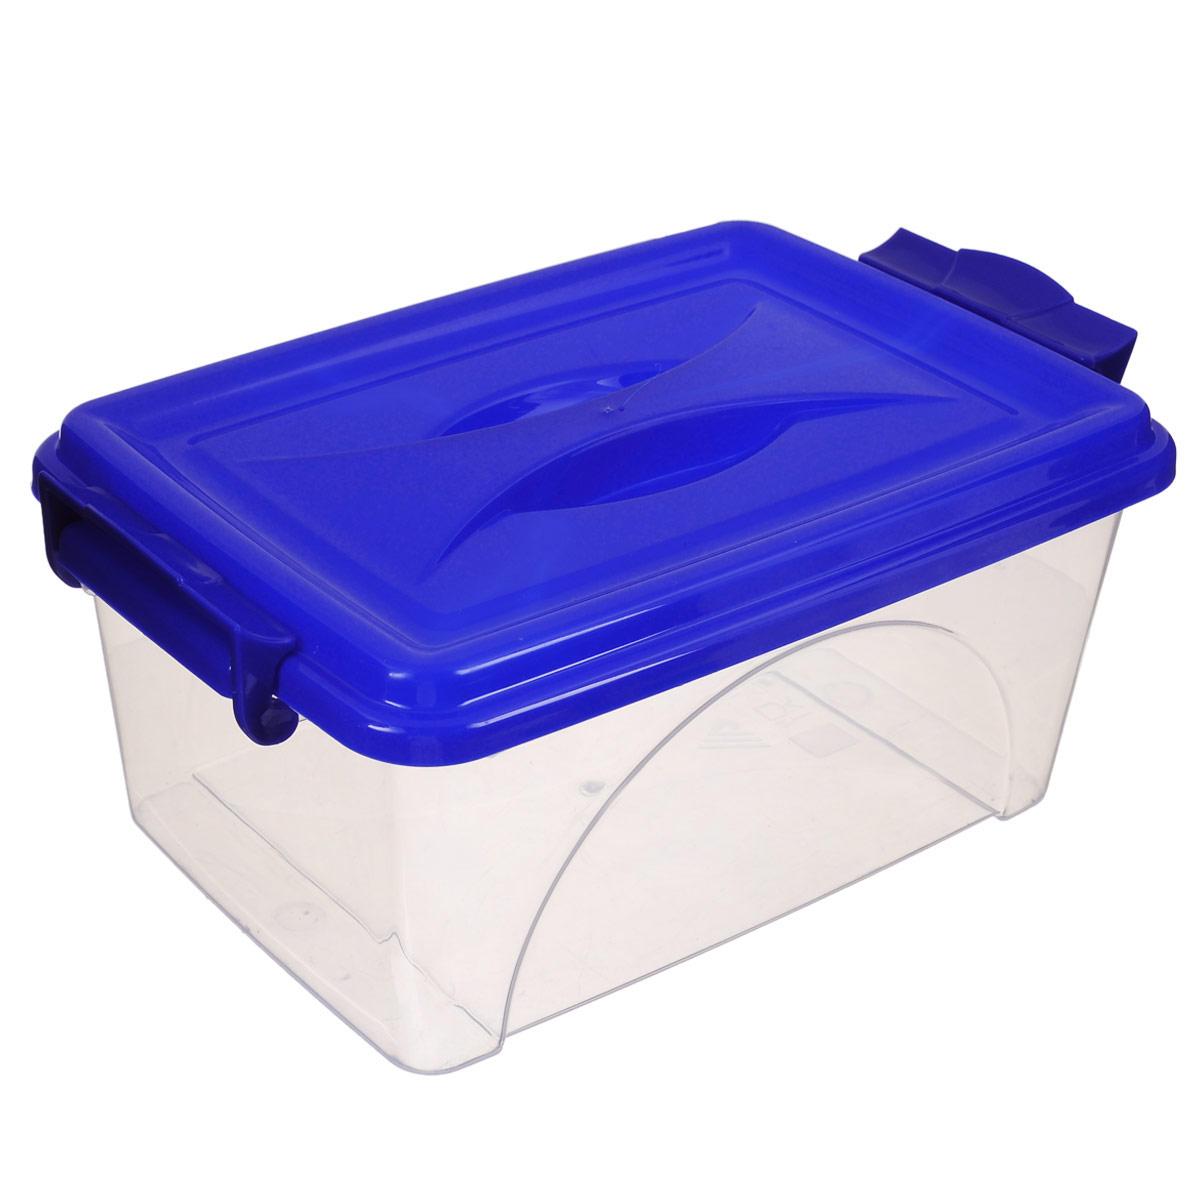 Контейнер Альтернатива, цвет: синий, 30,5 х 20 х 13,5 смМ419_синийКонтейнер Альтернатива выполнен из прочного пластика. Он предназначен для хранения различных мелких вещей. Крышка легко открывается и плотно закрывается. Прозрачные стенки позволяют видеть содержимое. По бокам предусмотрены две удобные ручки, с помощью которых контейнер закрывается. Контейнер поможет хранить все в одном месте, а также защитить вещи от пыли, грязи и влаги.